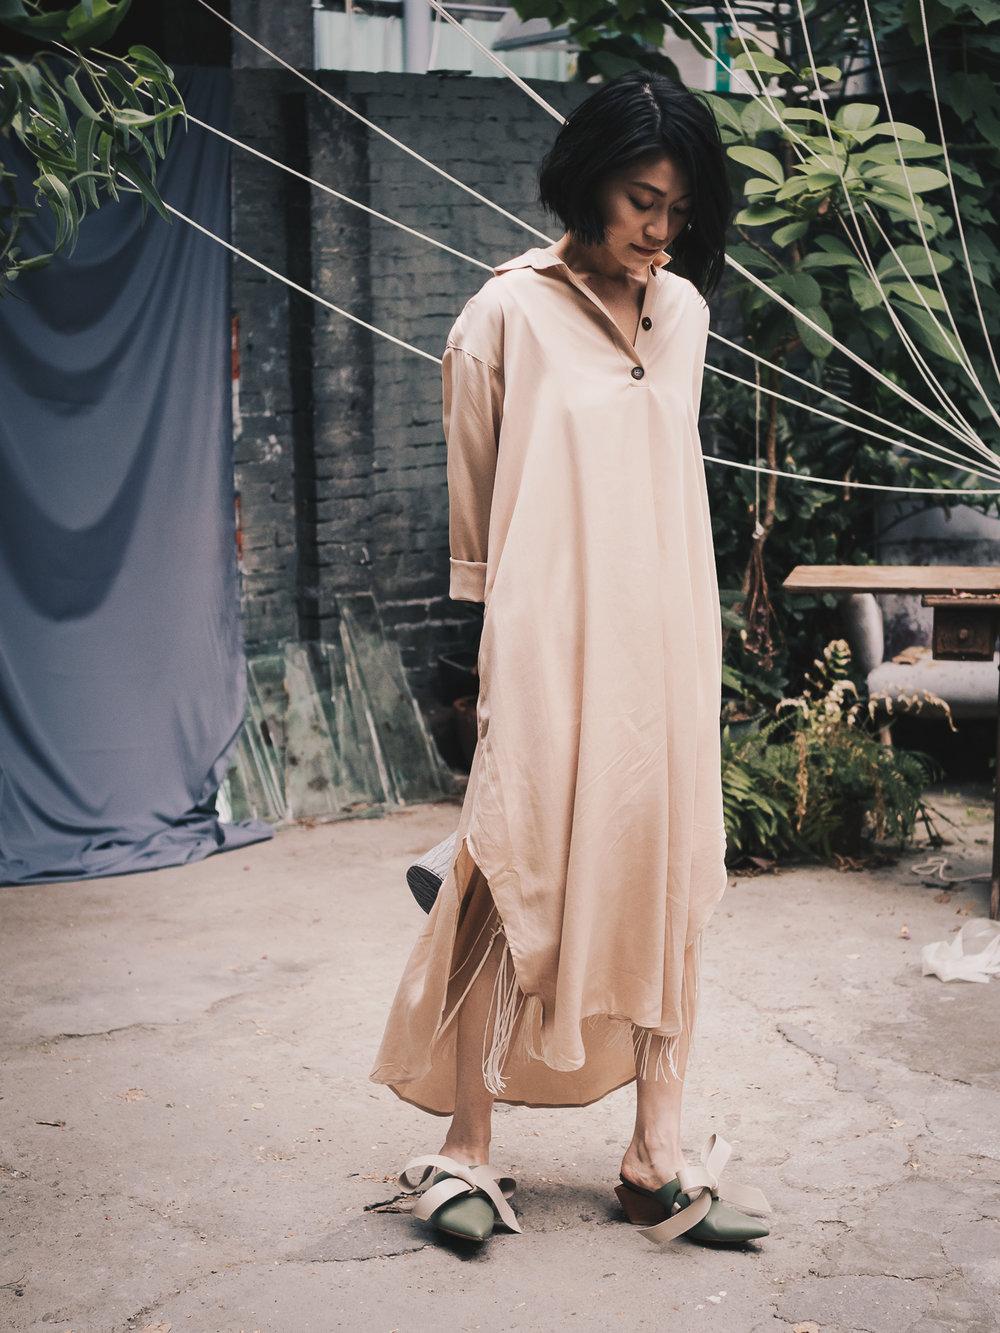 Ullnaka Dress Code 2018 - Olympus E-M1MarkII 2512 - Yes! Please Enjoy-34.jpg